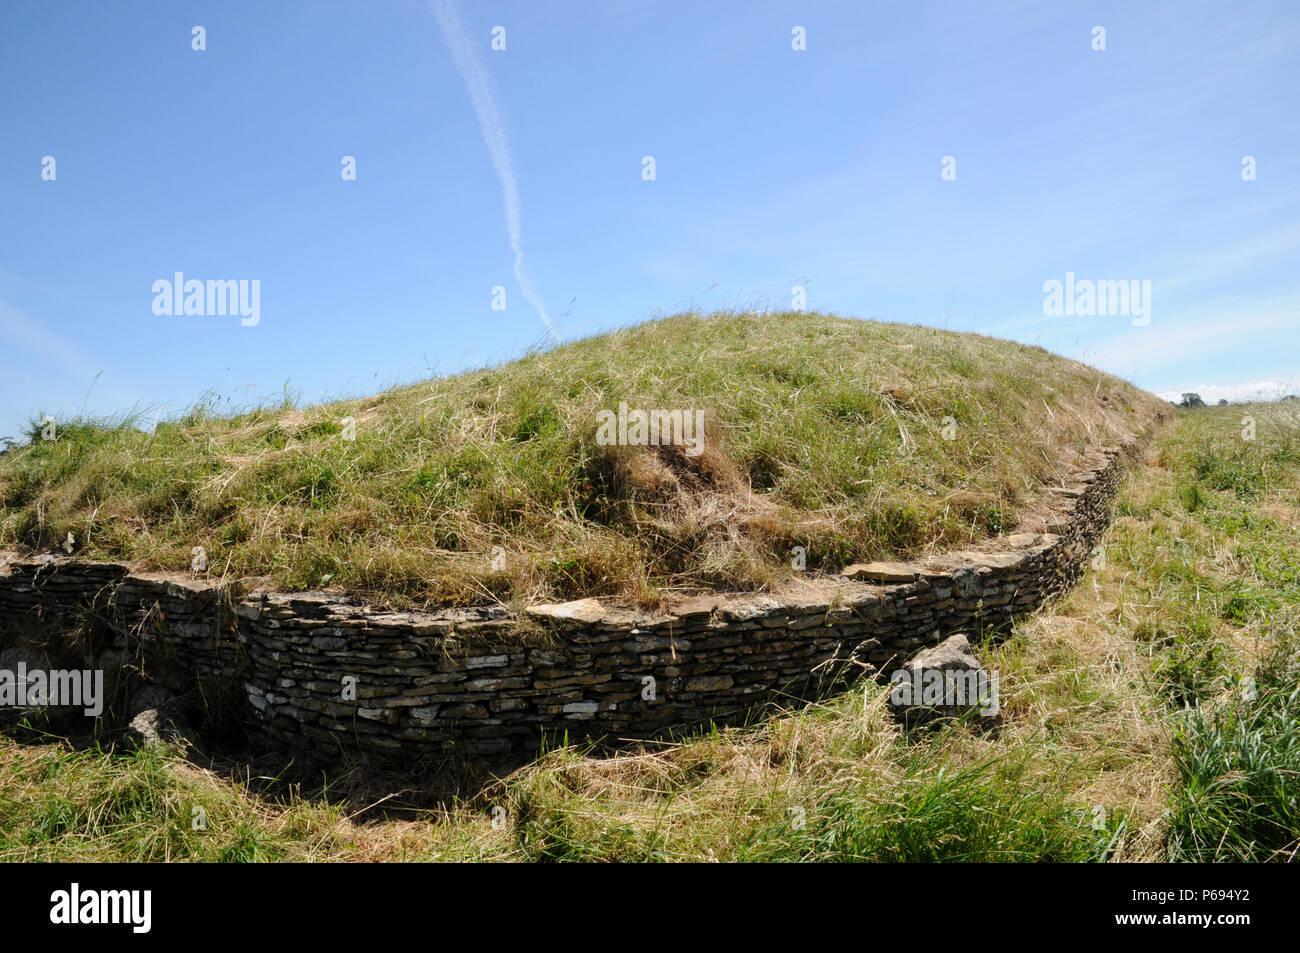 Stoney Littleton Longbarrow, in der Nähe der Badewanne im Westen von England, ist einer der besten accesible des Landes Neolithischen gekammert Gräber. Stockfoto